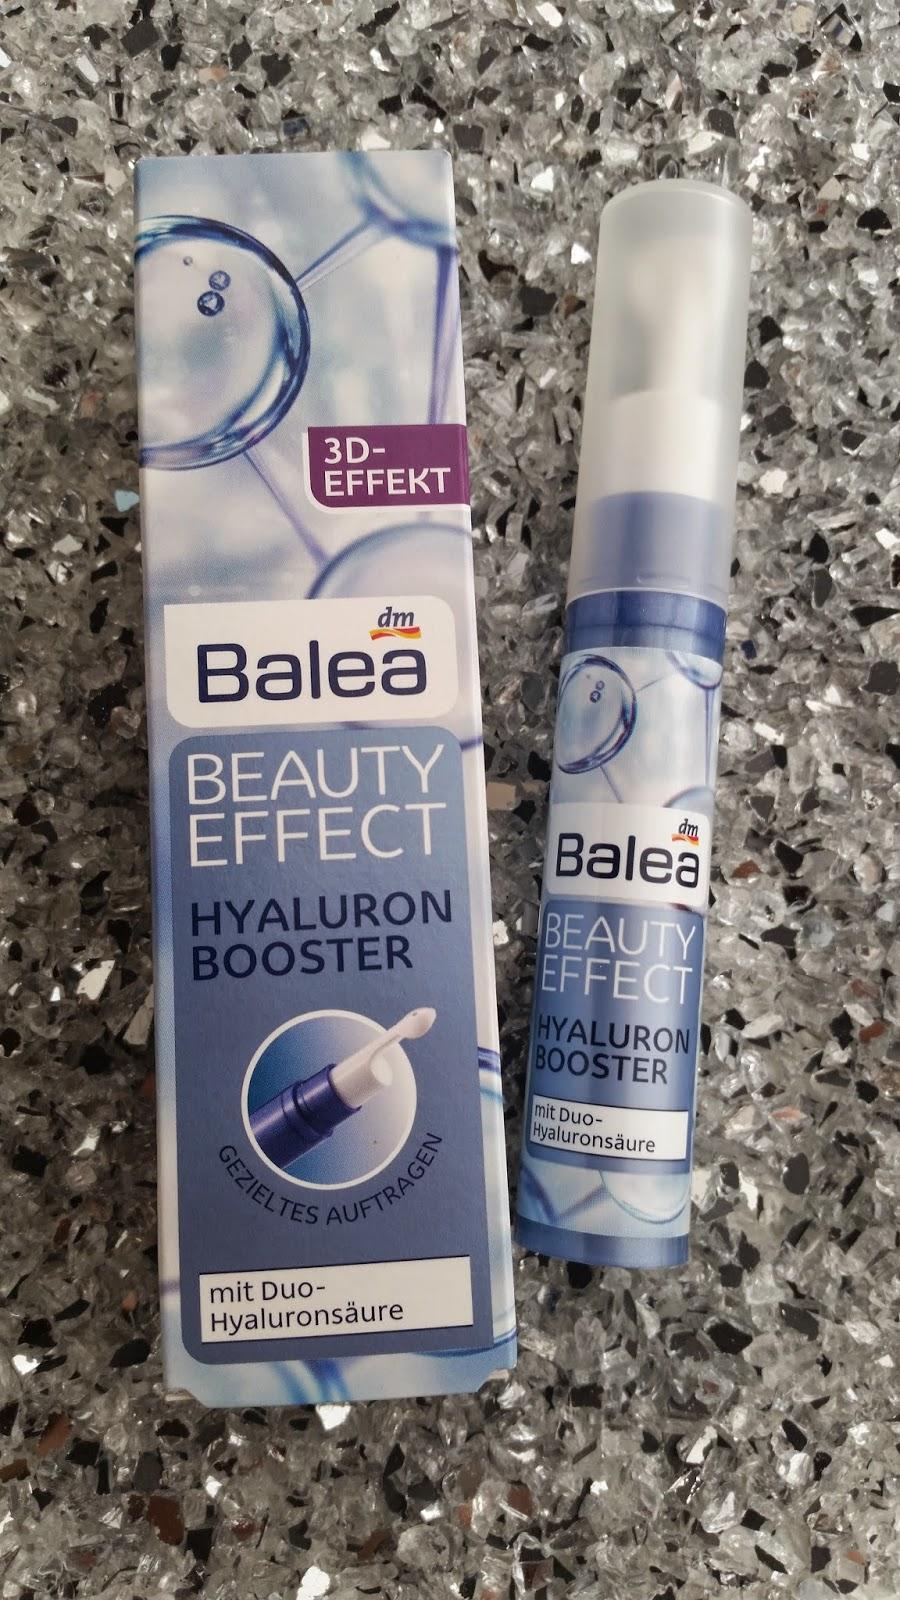 Balea - Beauty Effect Hyaloron Booster - www.annitschkasblog.de